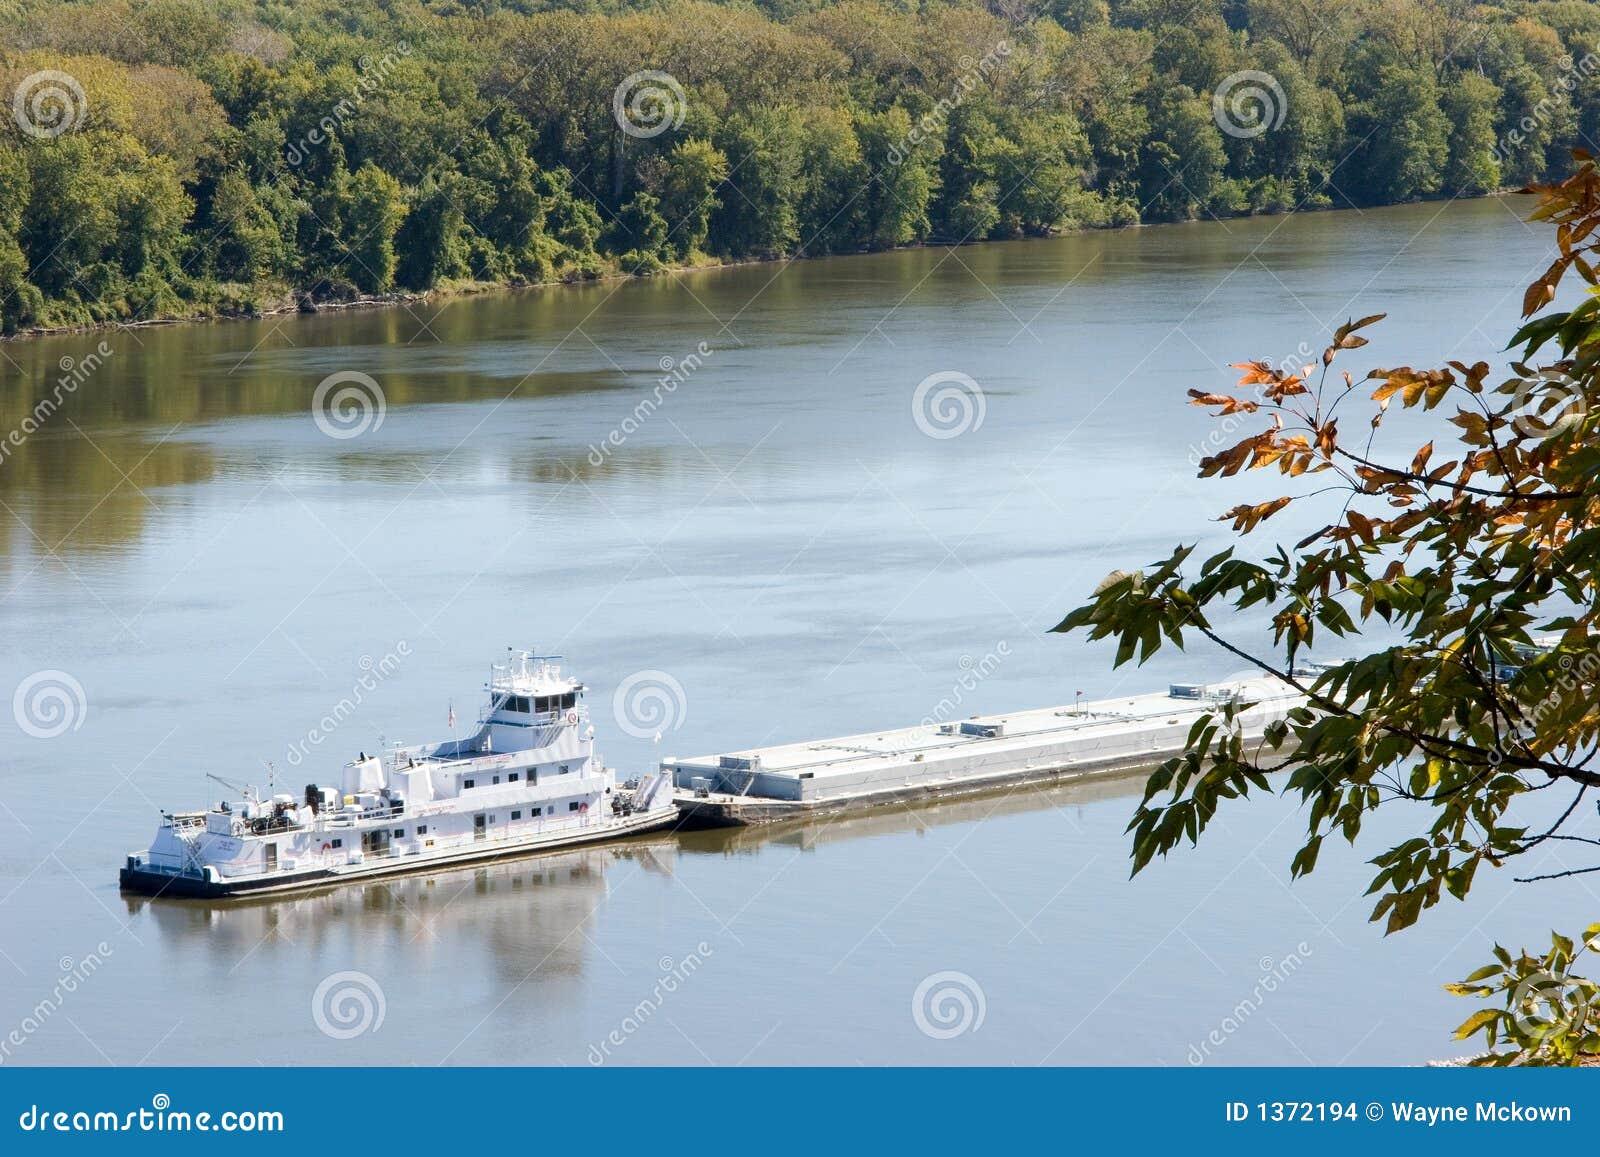 Mississippi barge 3